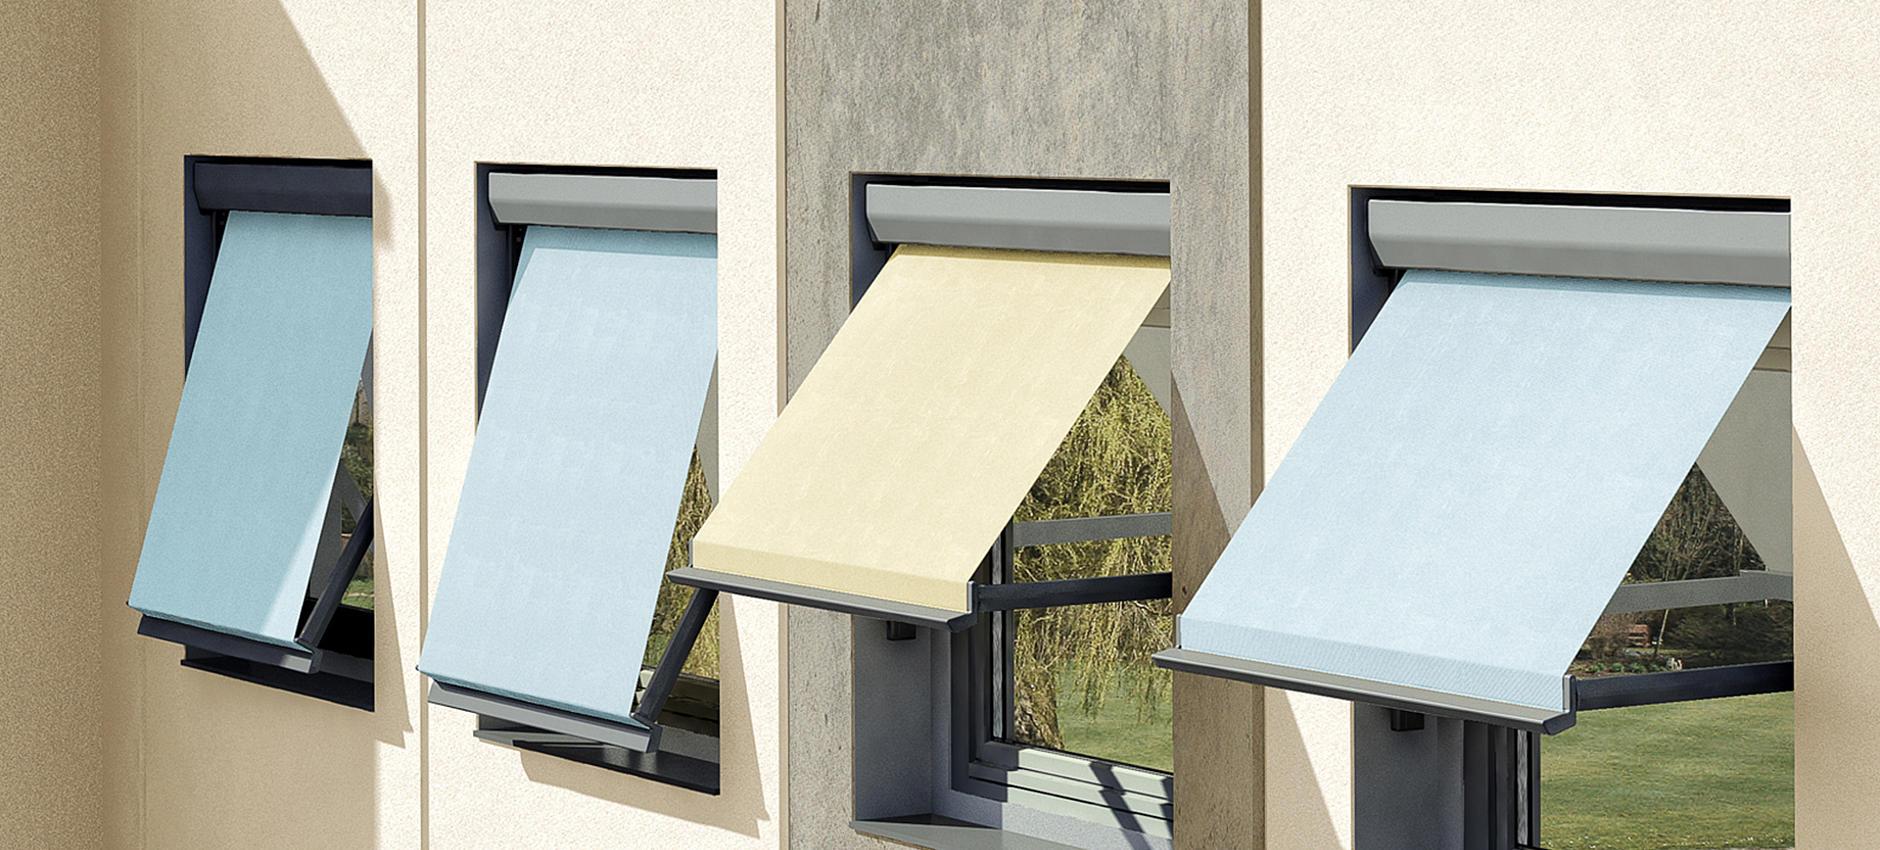 METRO-BOX FS4200-R / -E flexible Fallarmmarkise mit geringen Konstruktionsmaßen für Fensternischen, Balkone oder als Vertikalbeschattung von Wintergärten